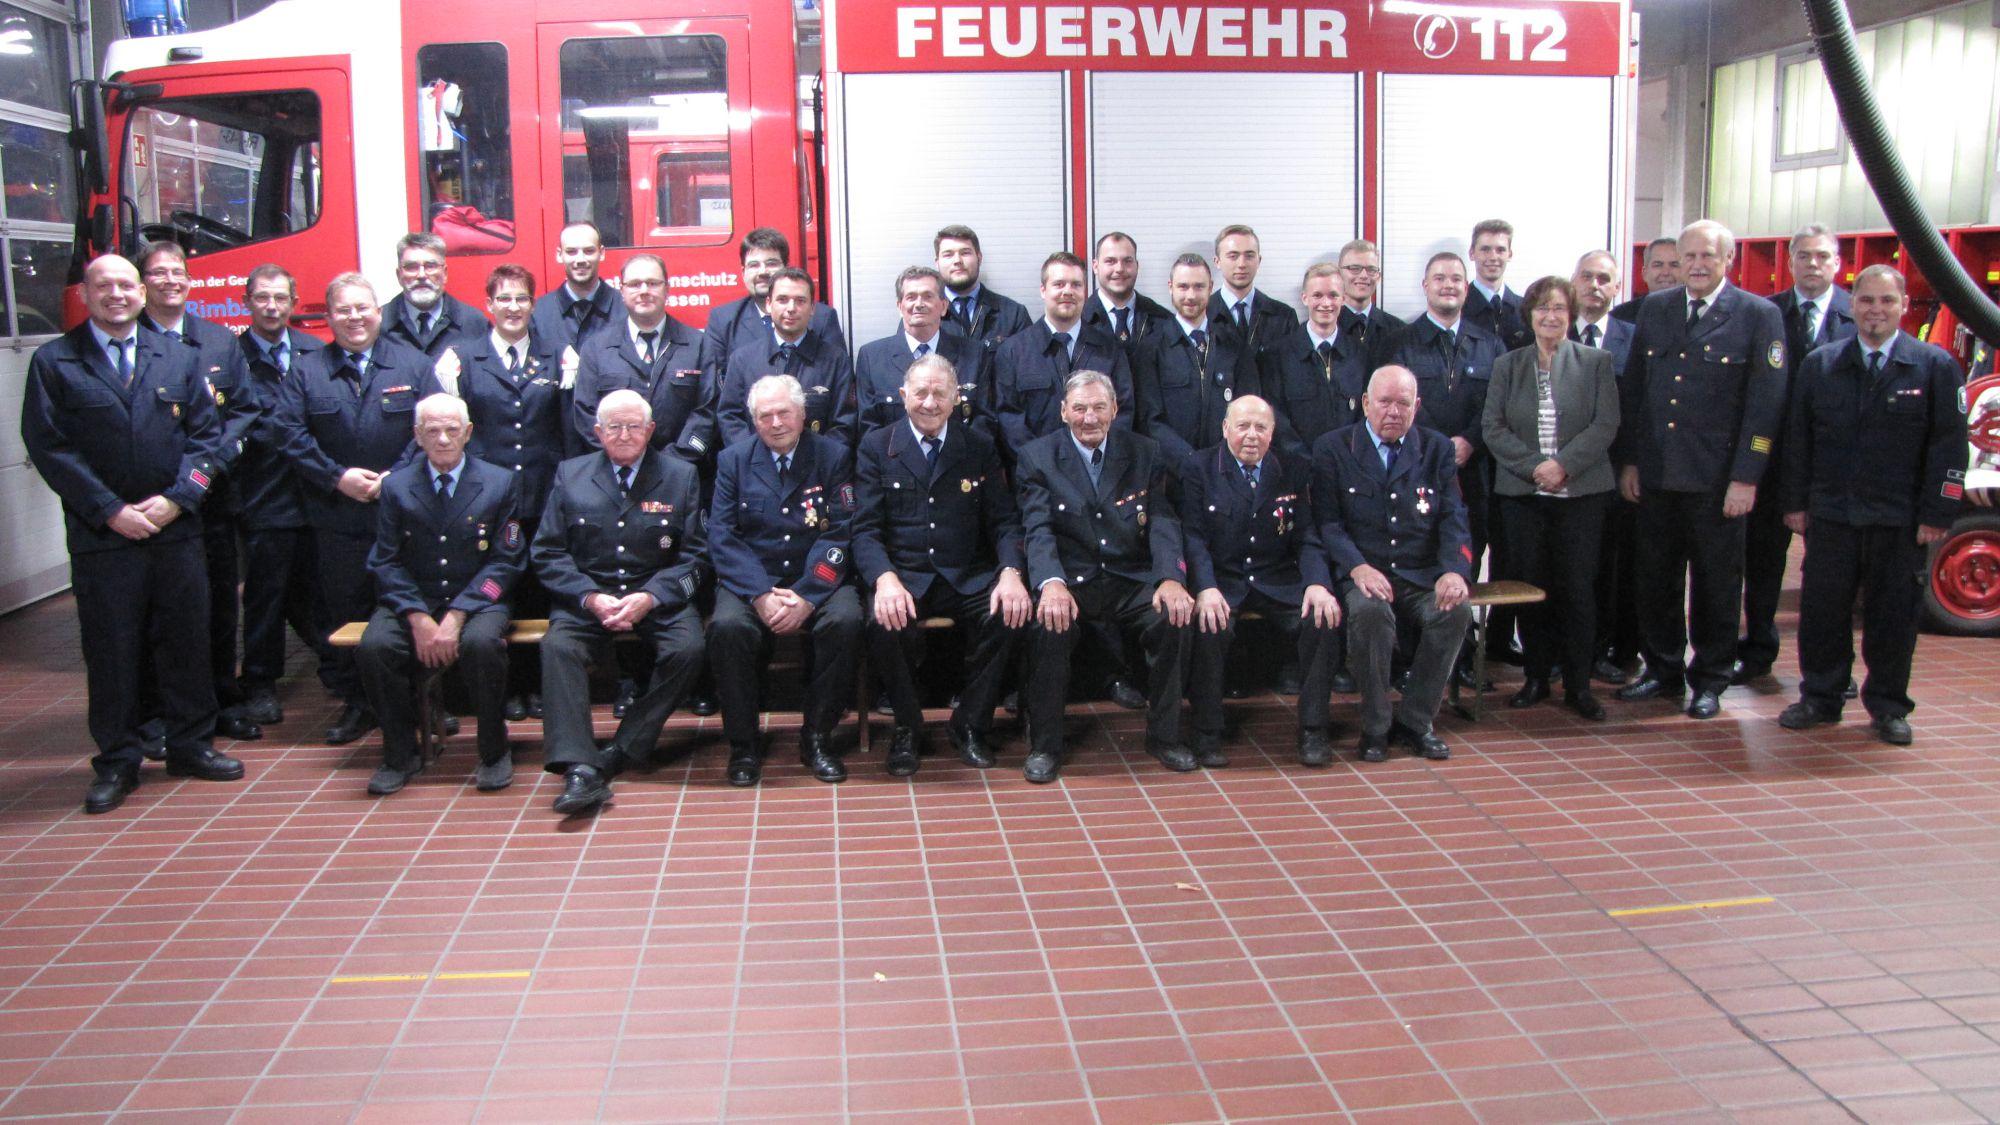 Kameradschaftsabend der Feuerwehr Rimbach